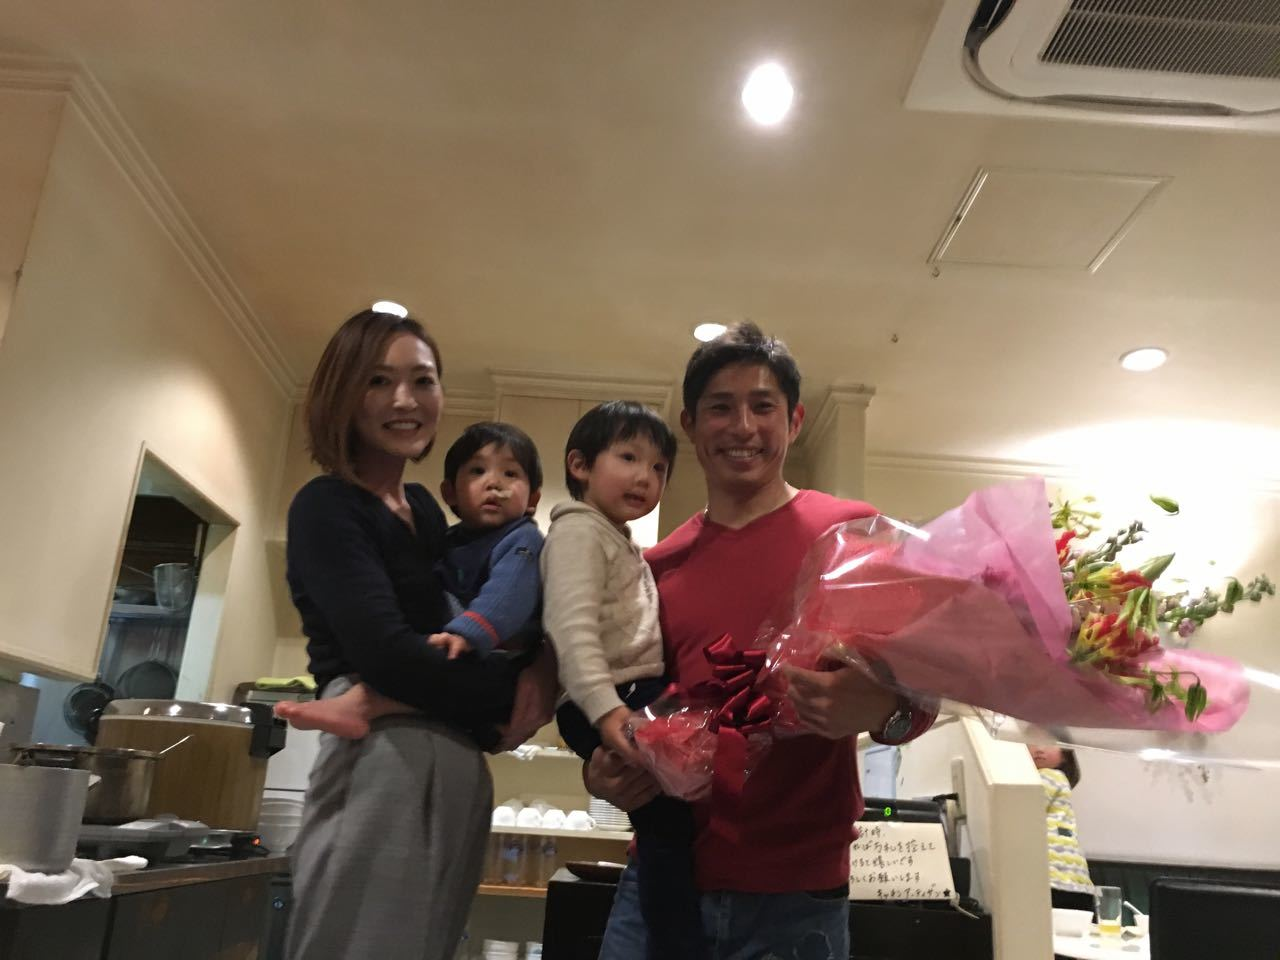 2018.01.28「OHからのダカール祝勝会」_c0197974_03183389.jpg